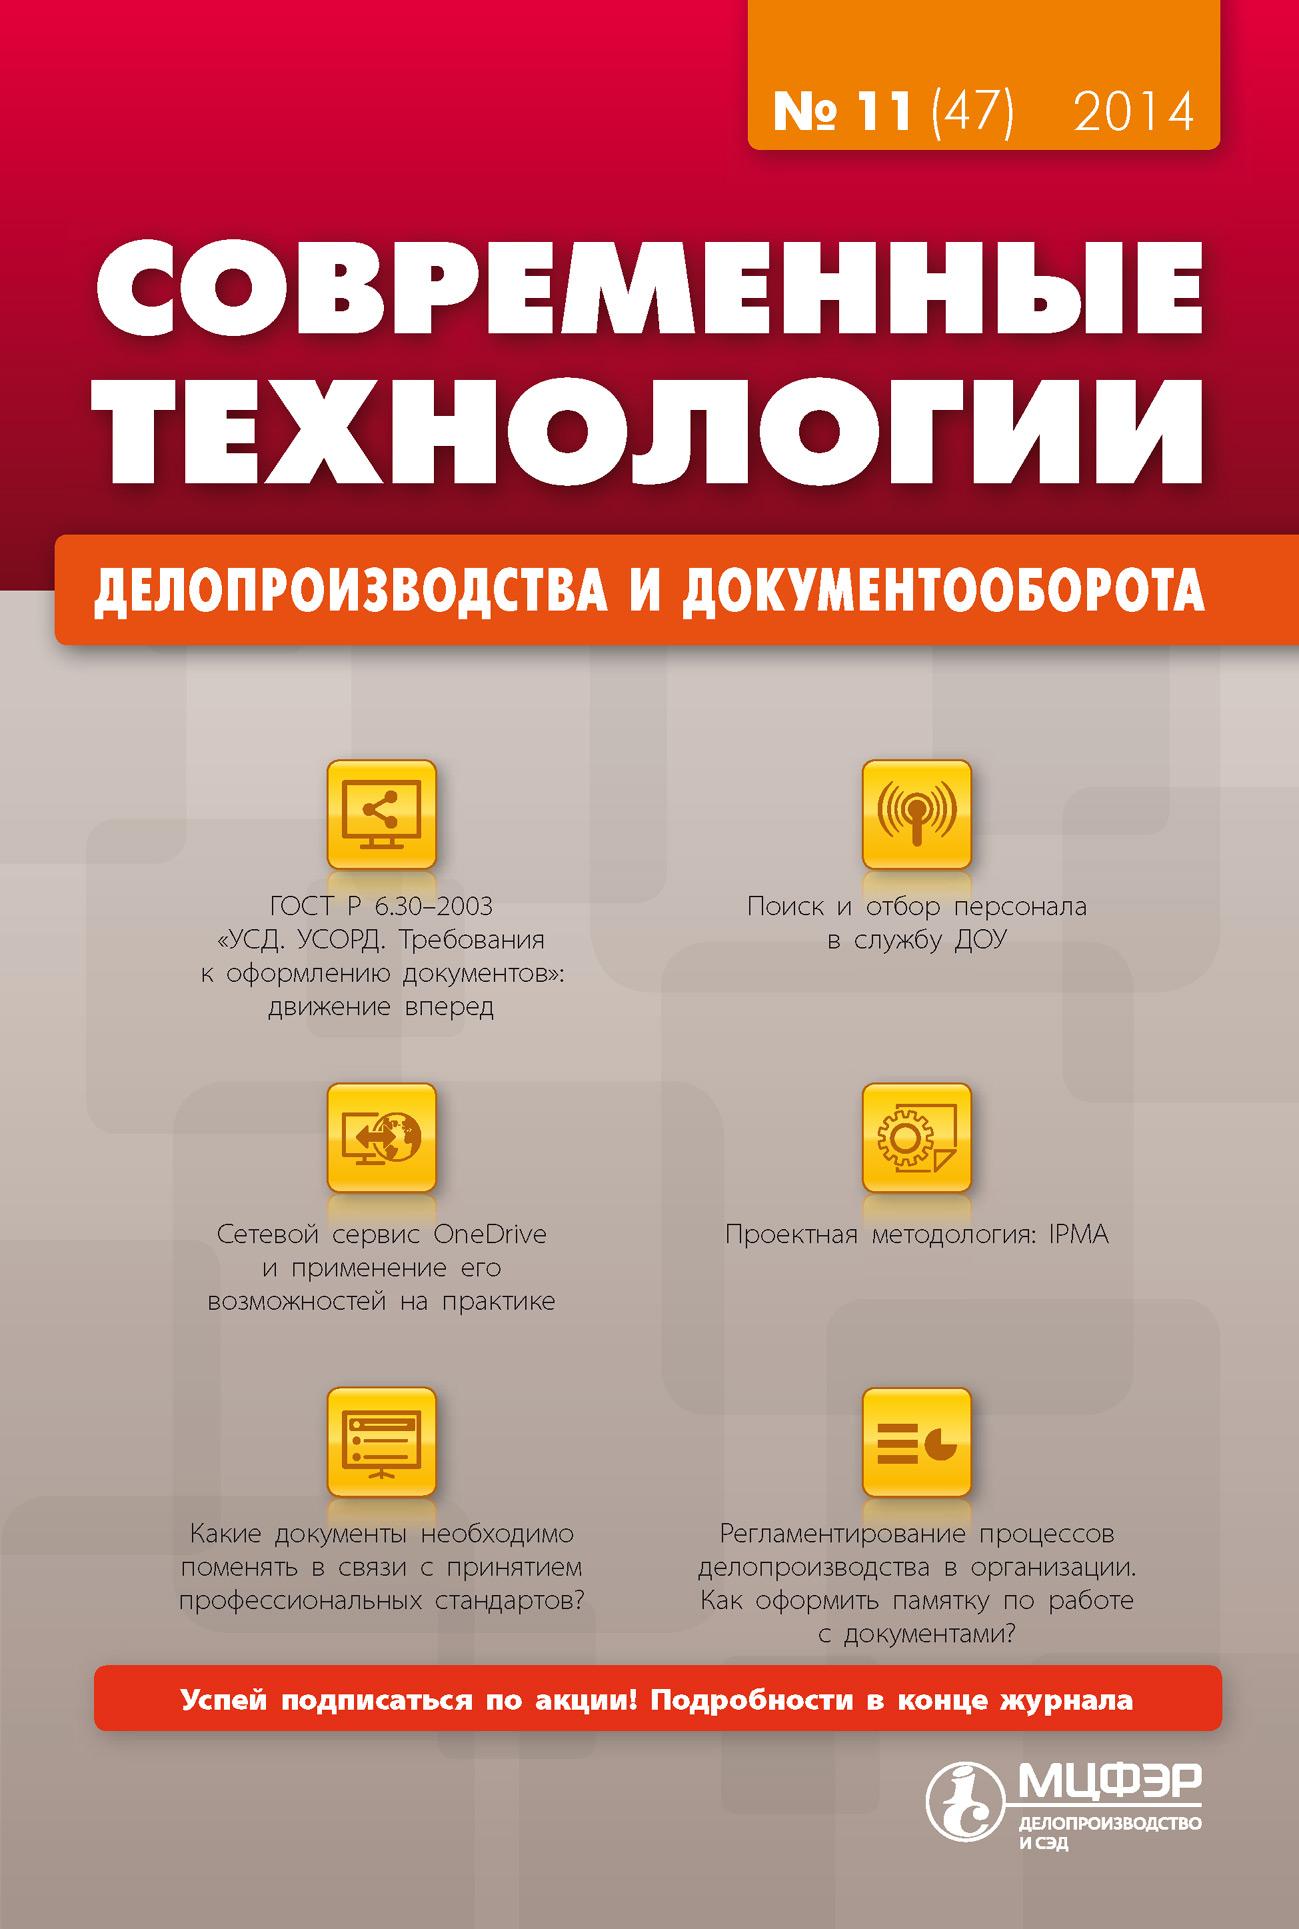 Современные технологии делопроизводства и документооборота № 11 (47) 2014